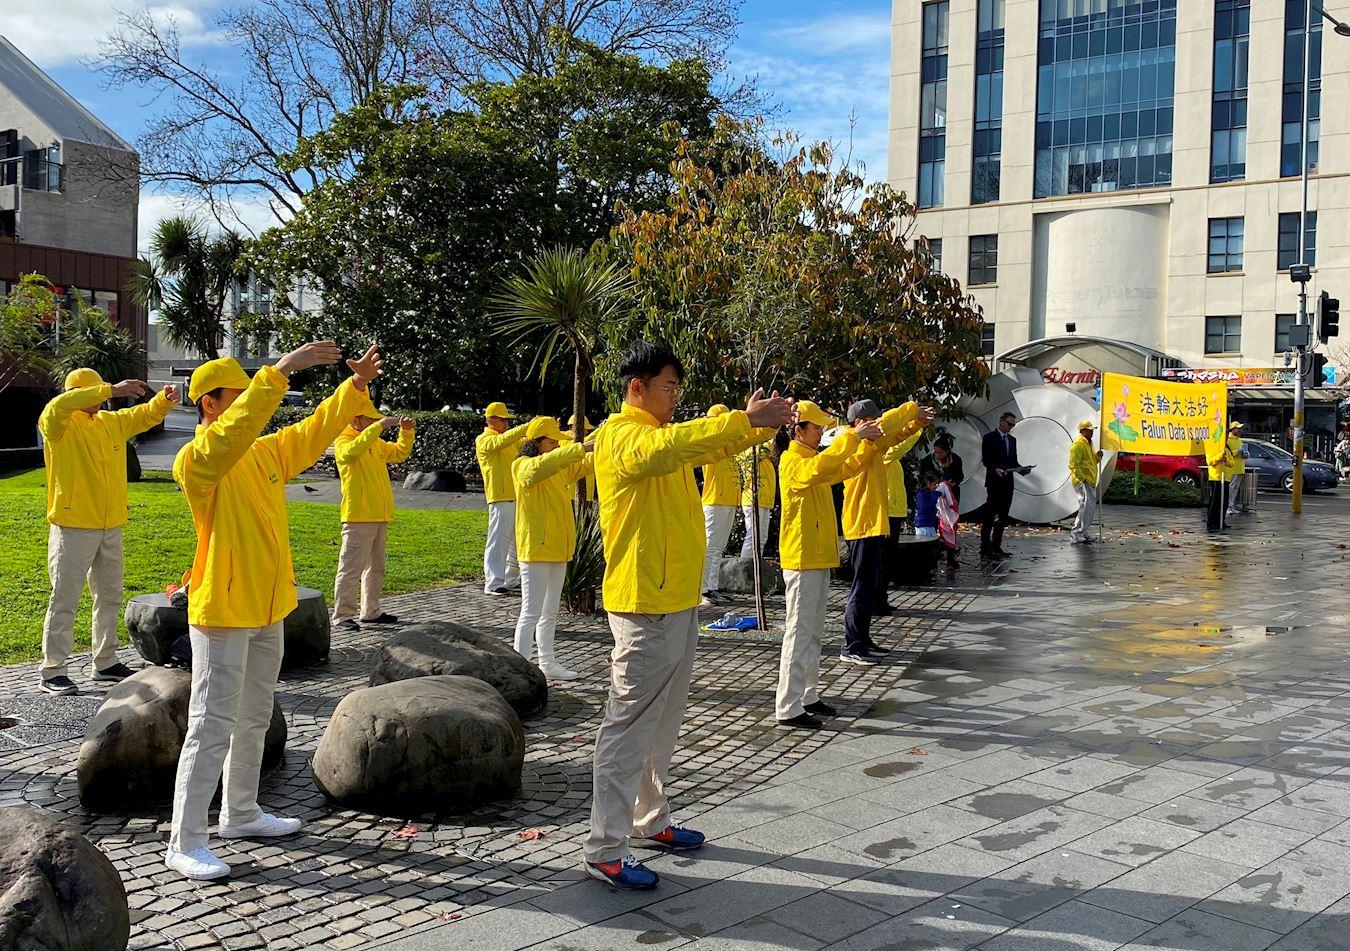 2020年6月27日,法輪功學員在紐西蘭奧克蘭新市場商業中心煉功、講真相。(明慧網)